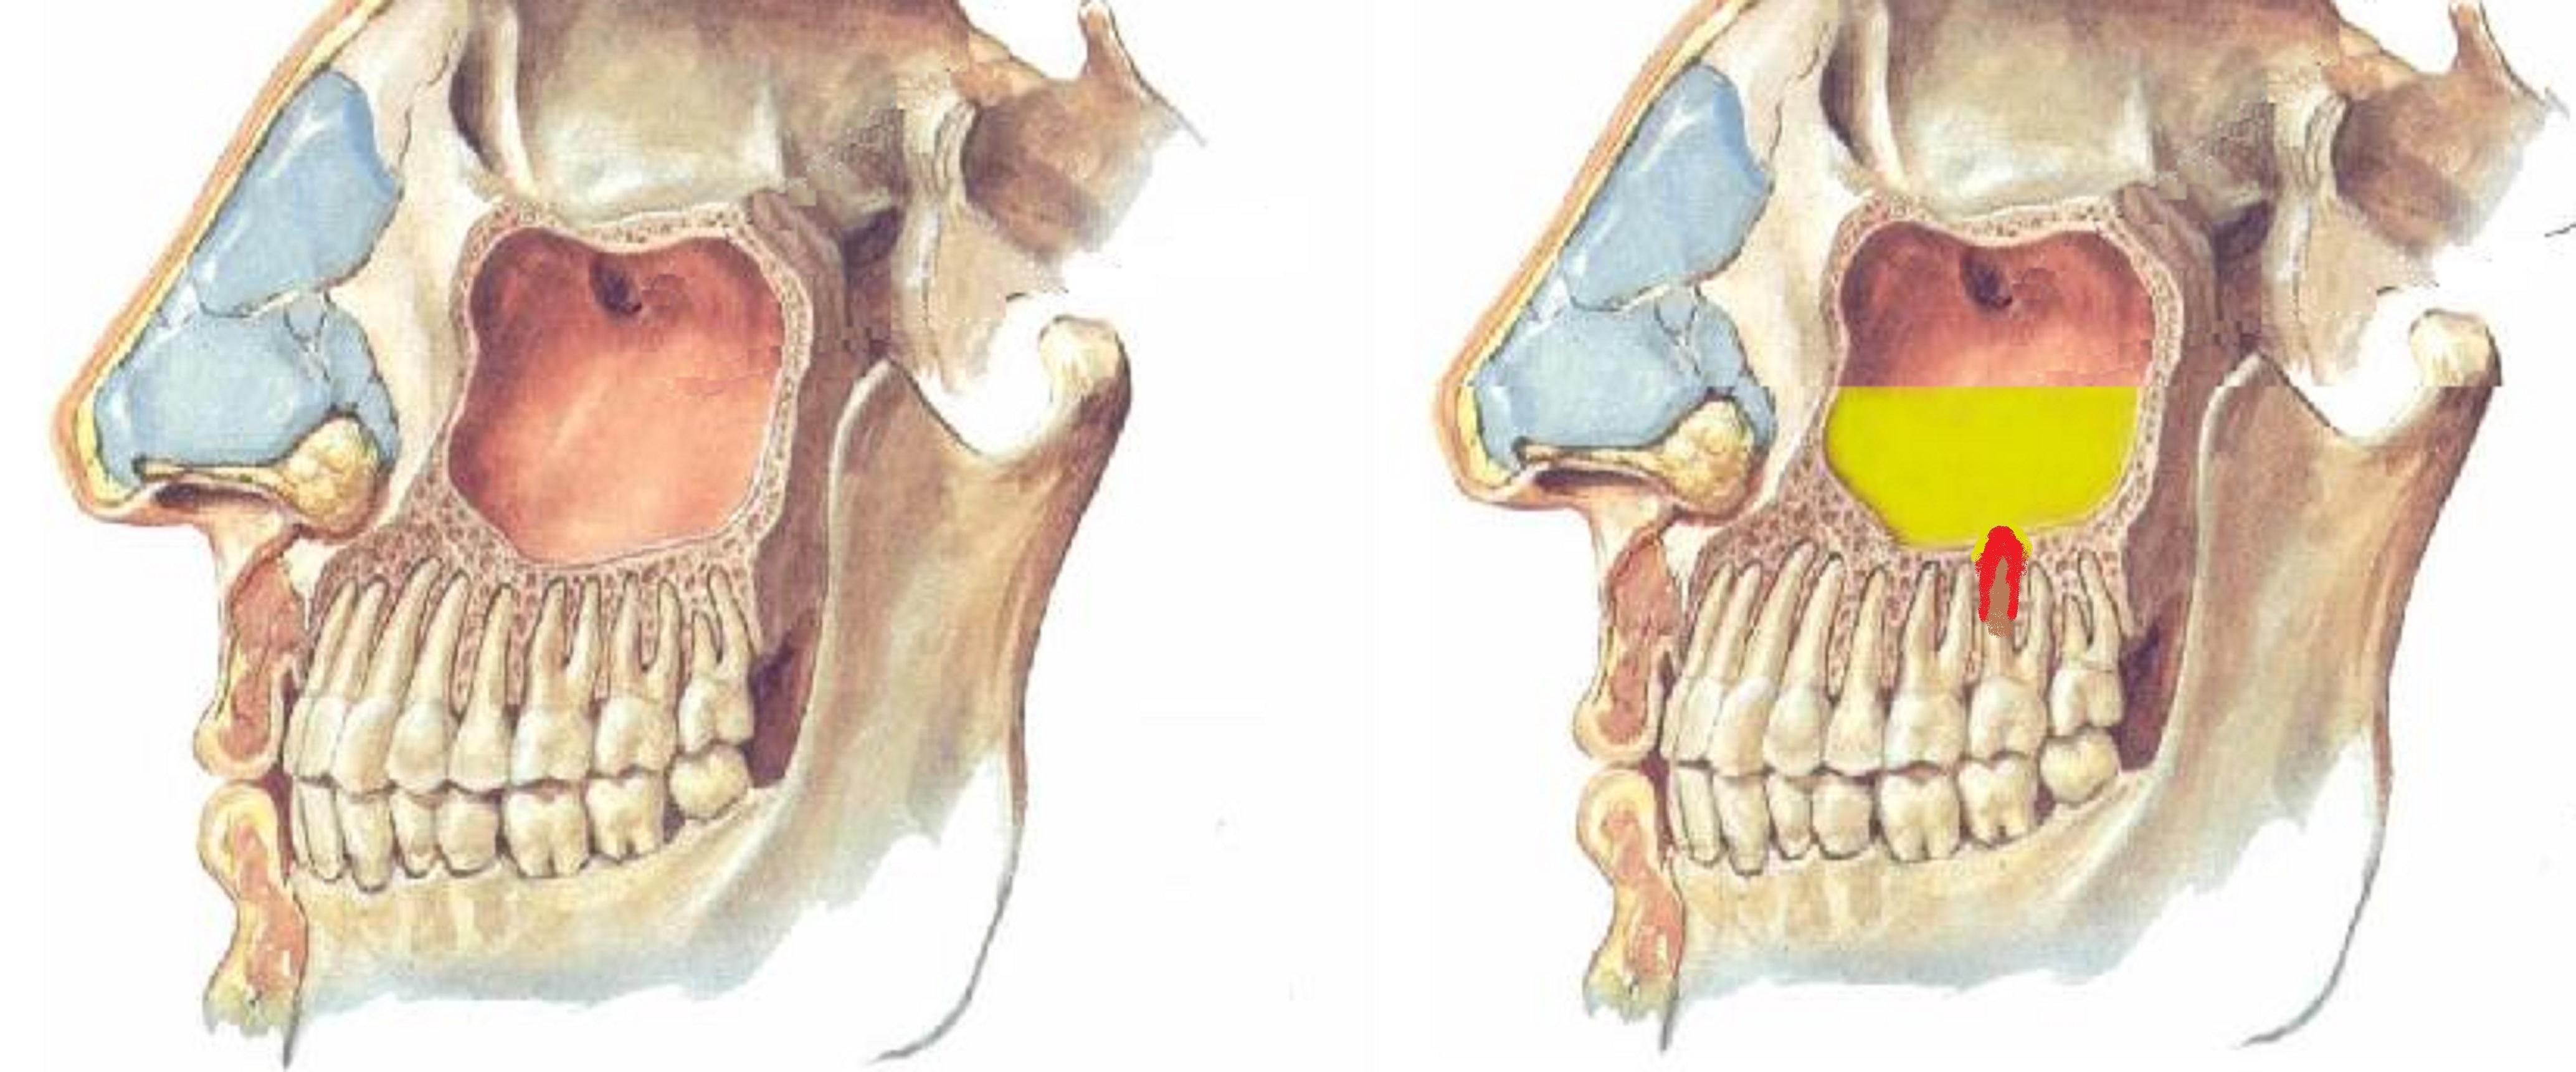 Симптомы кисты зуба в гайморовой пазухе. Насколько она опасна, и обязательно ли делать операцию